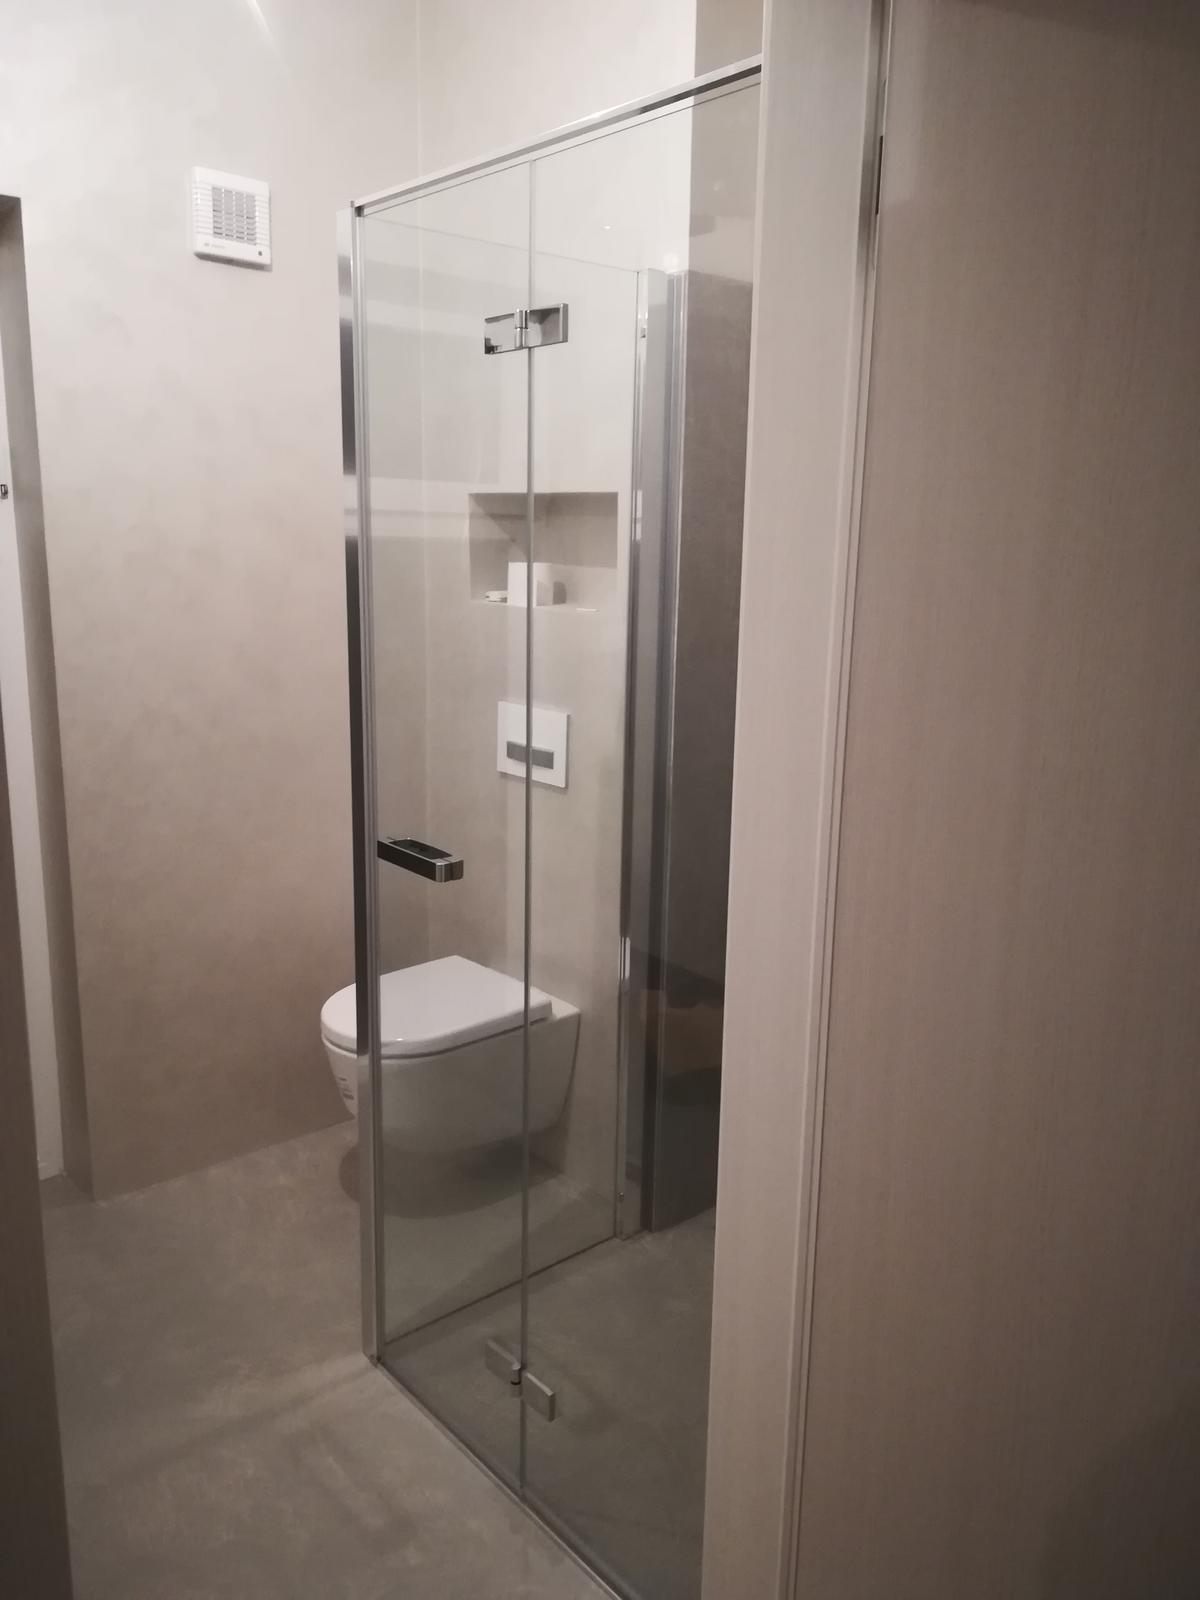 Obezdívku WC máme až... - Obrázek č. 2